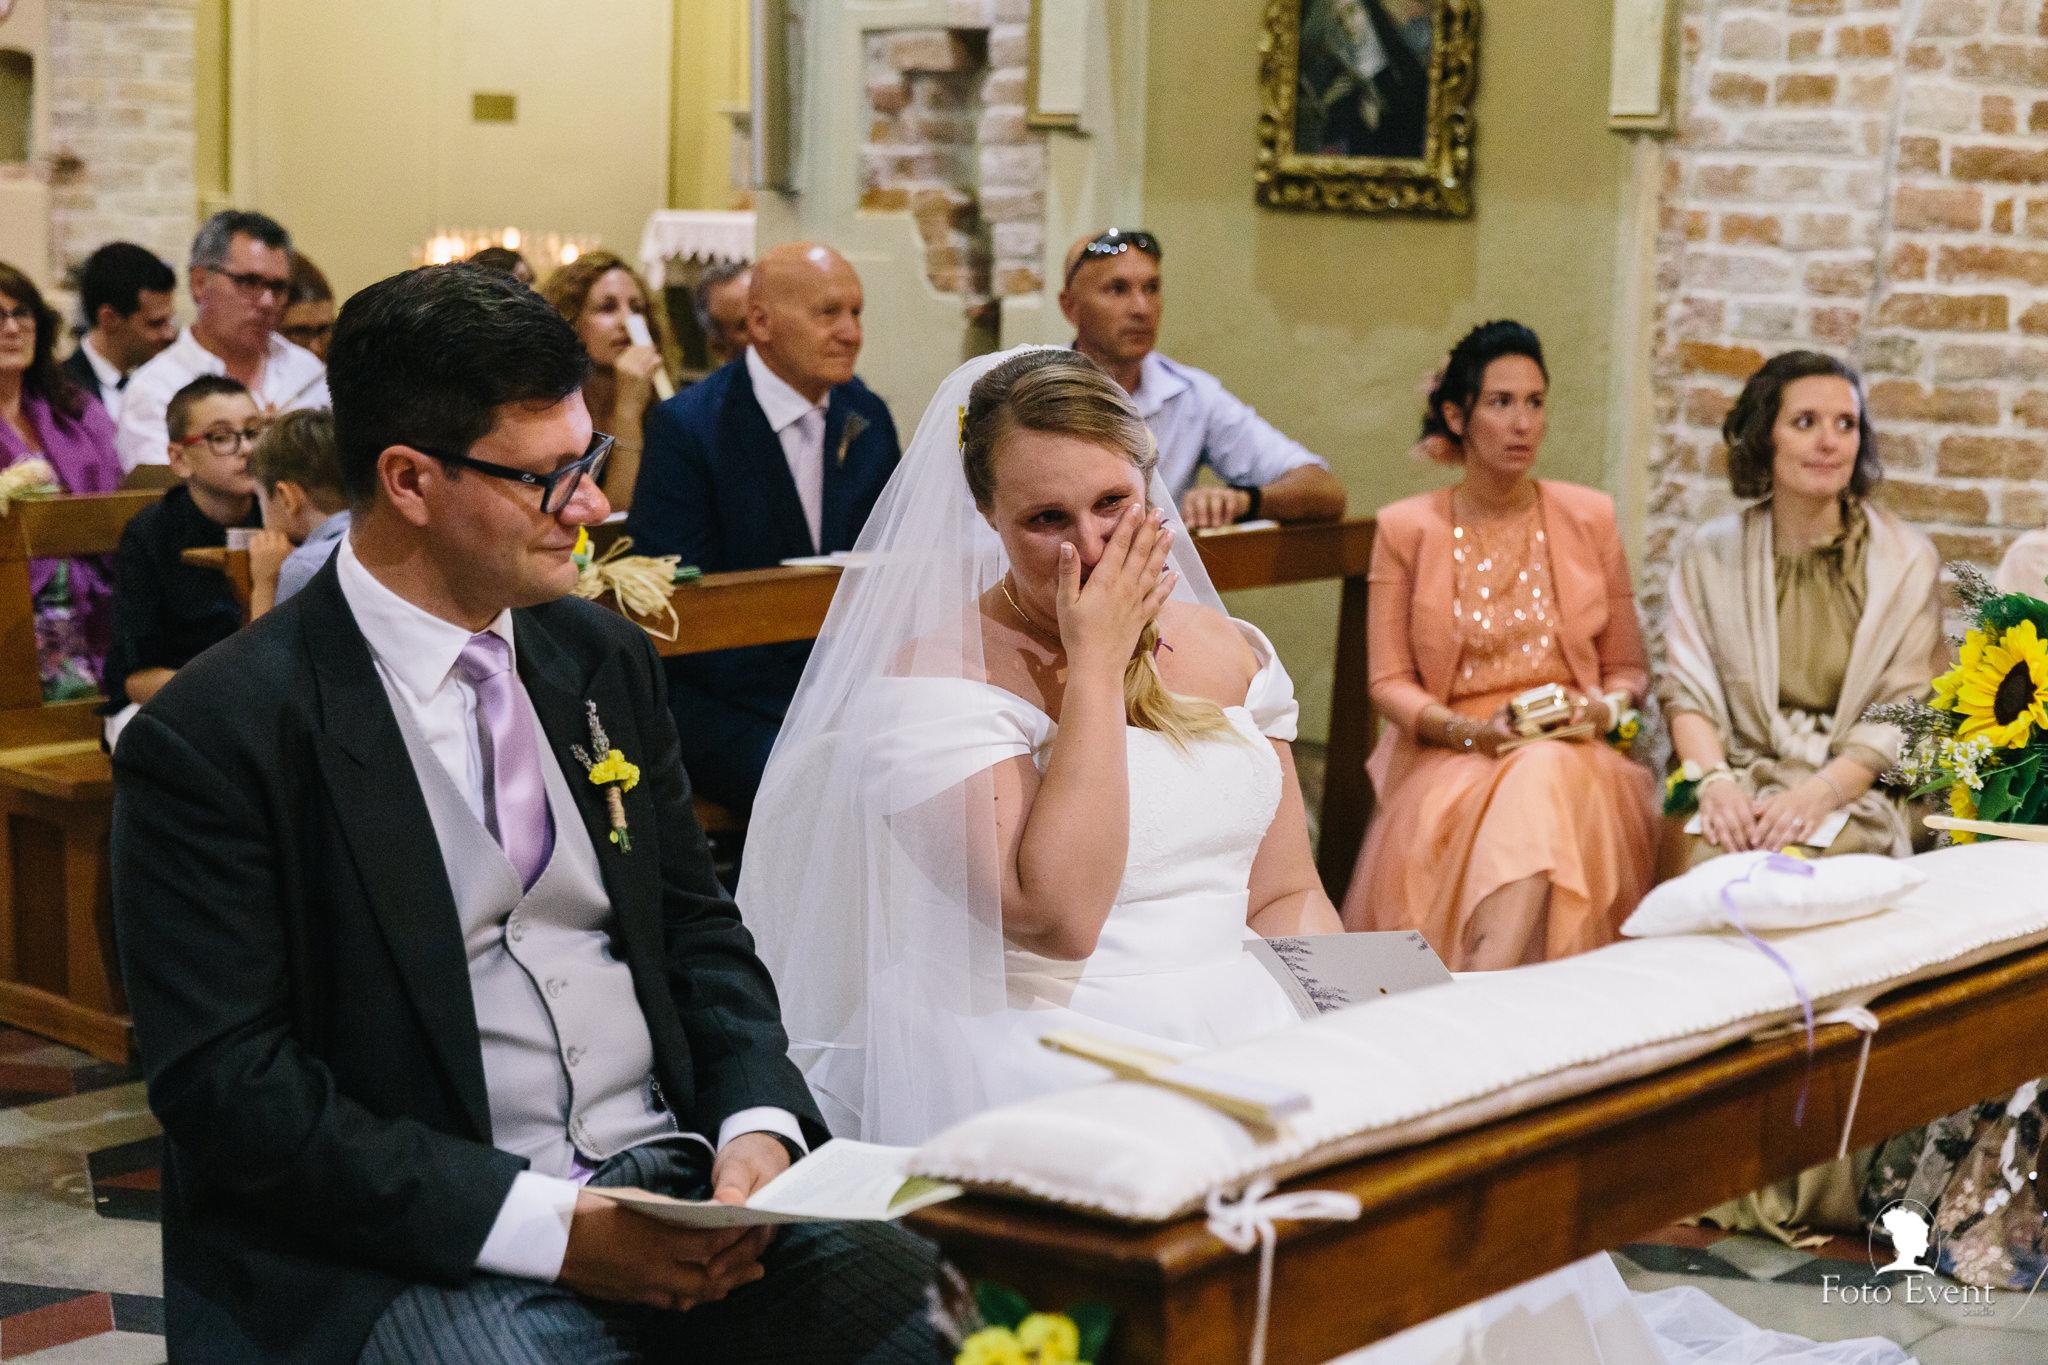 046-2019-07-27-Matrimonio-Valentina-e-Alessandro-Pettinari-5DE-813